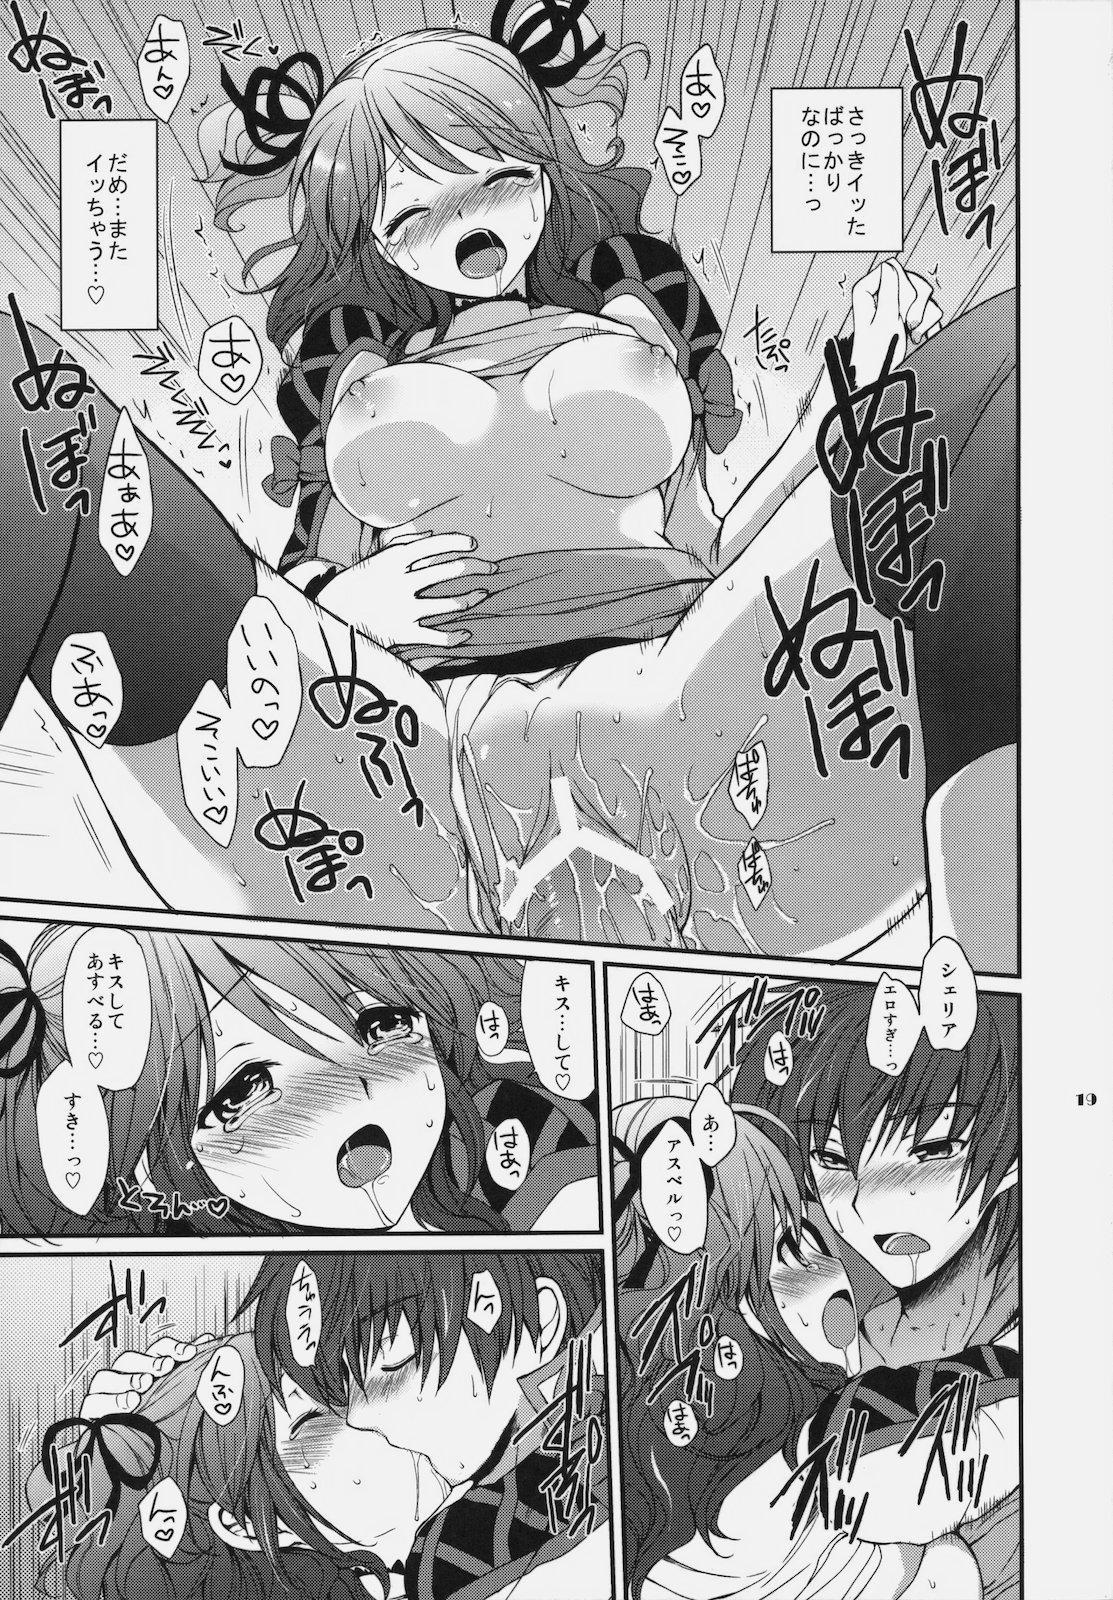 Cheria-chan no Ama~i Chucchu hon 17